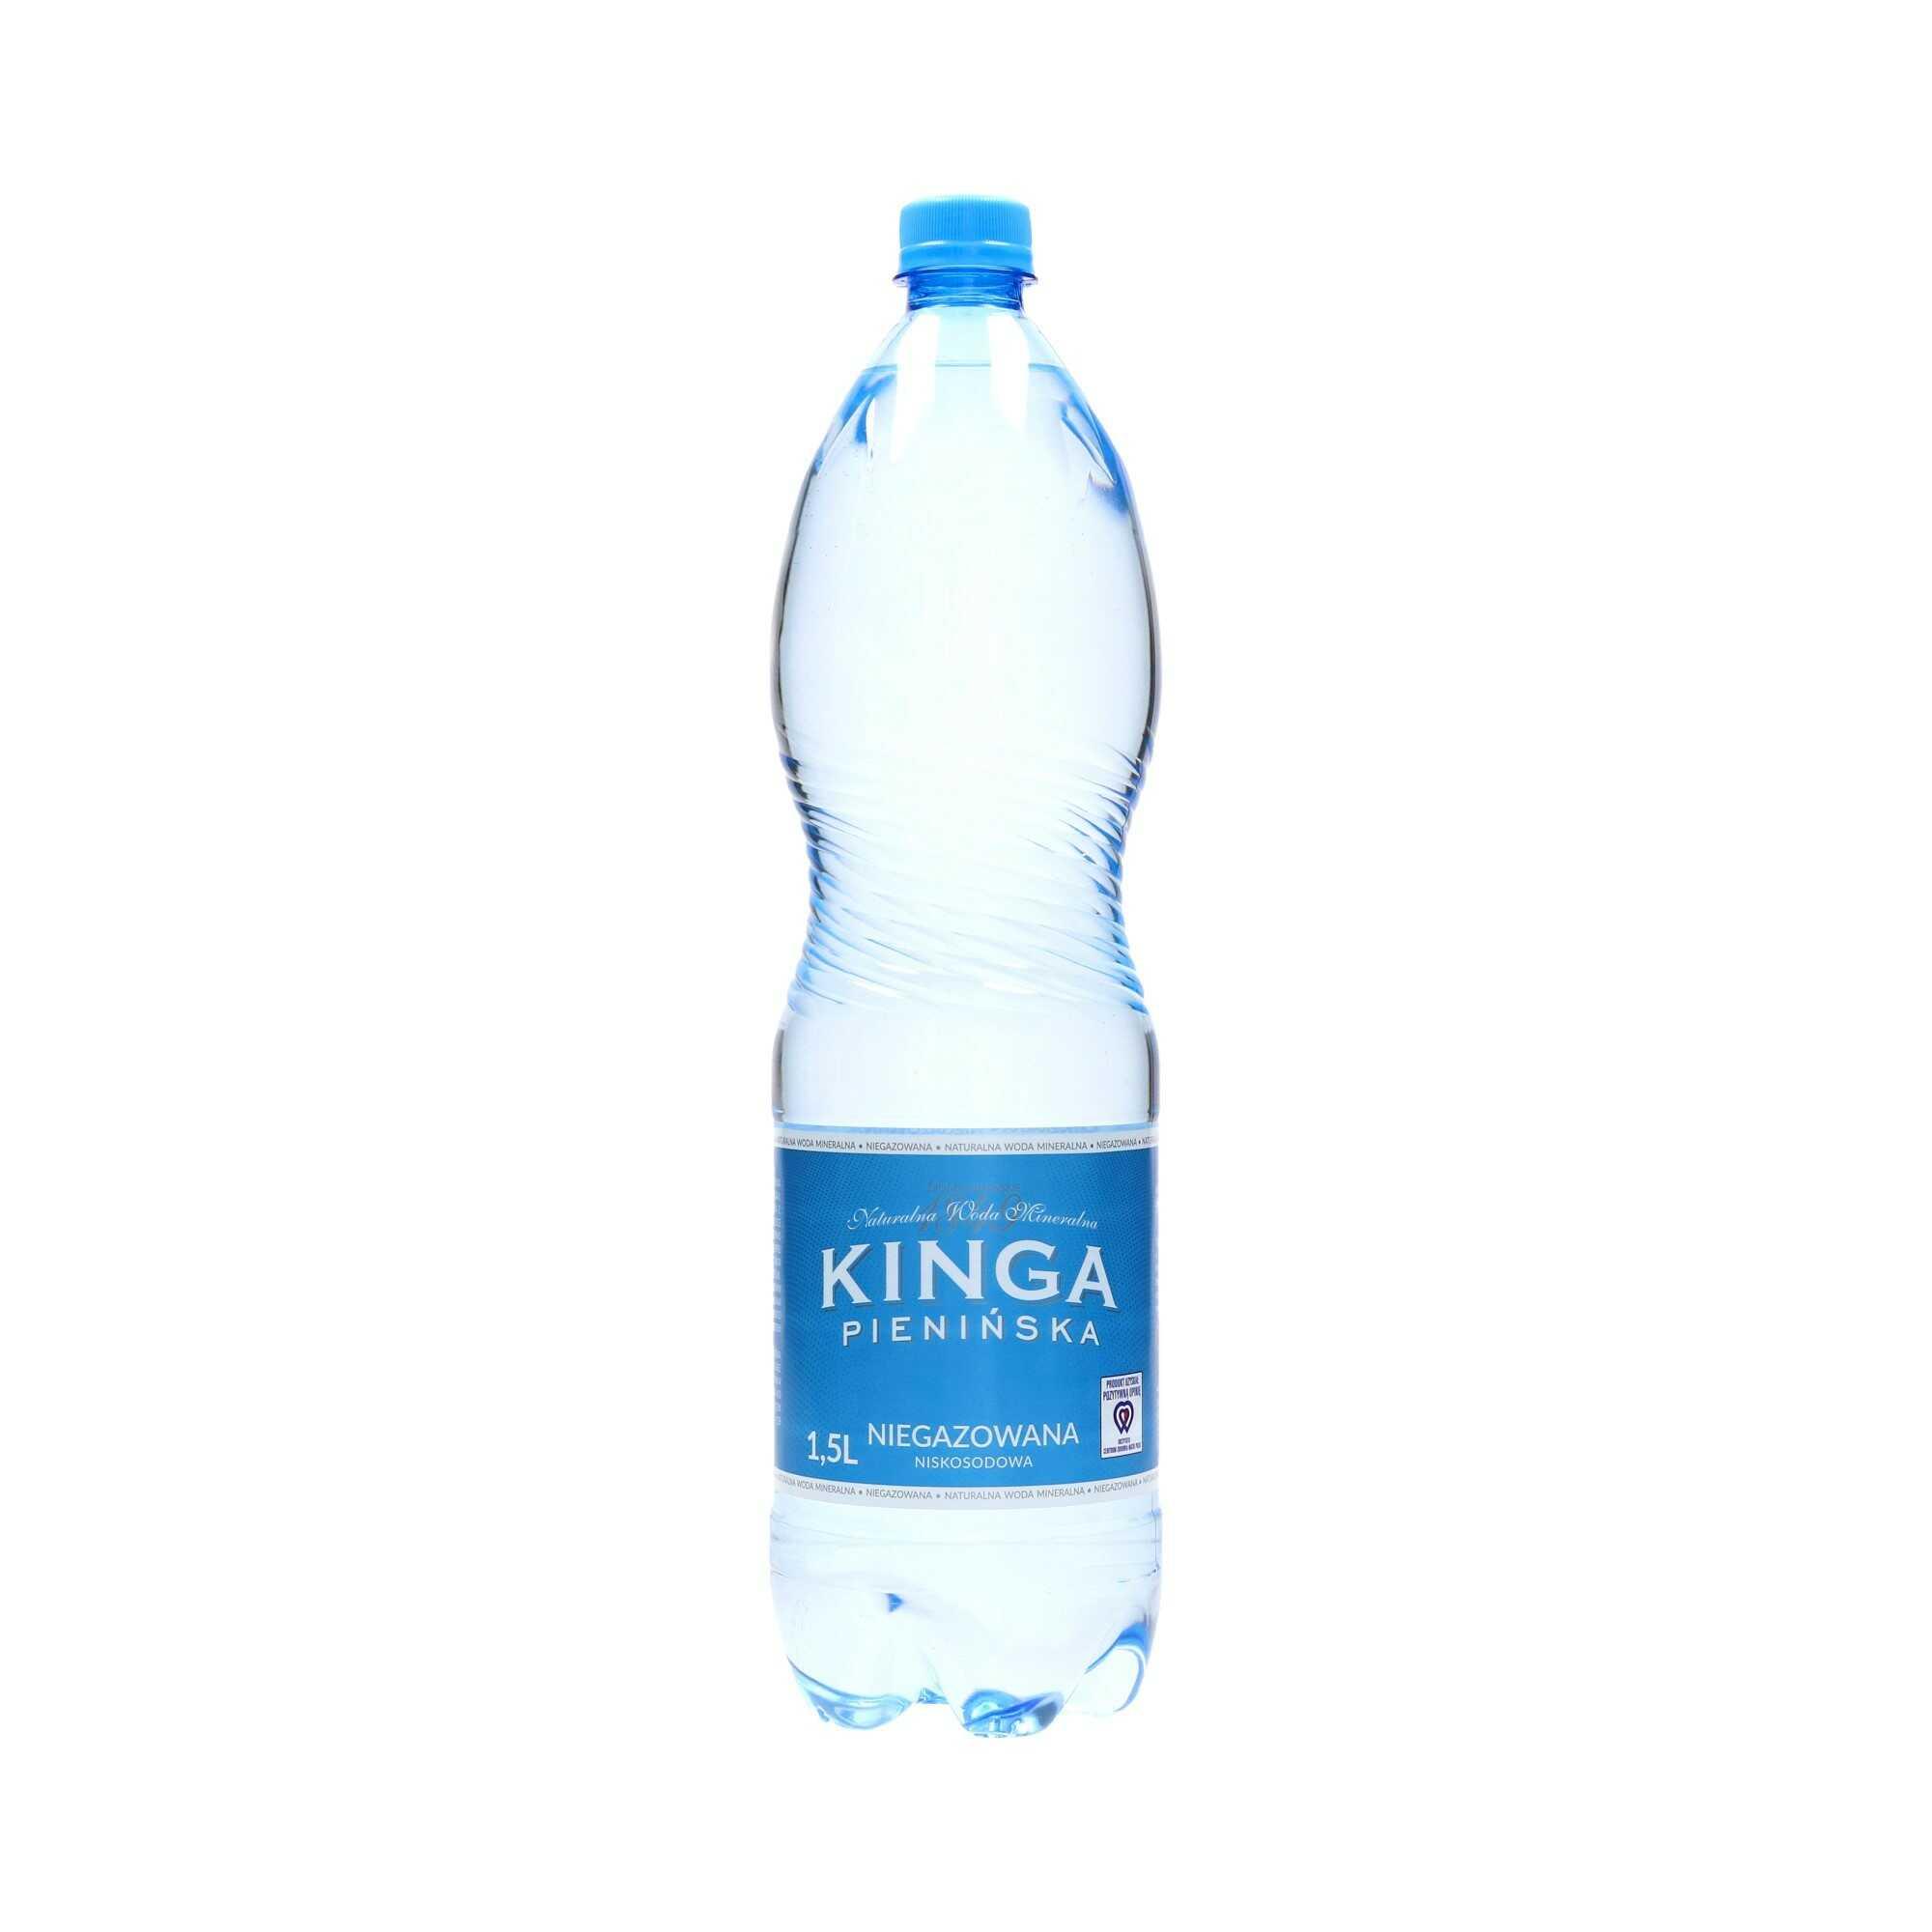 Woda mineralna 1.5l niegazowana Kinga Pienińska